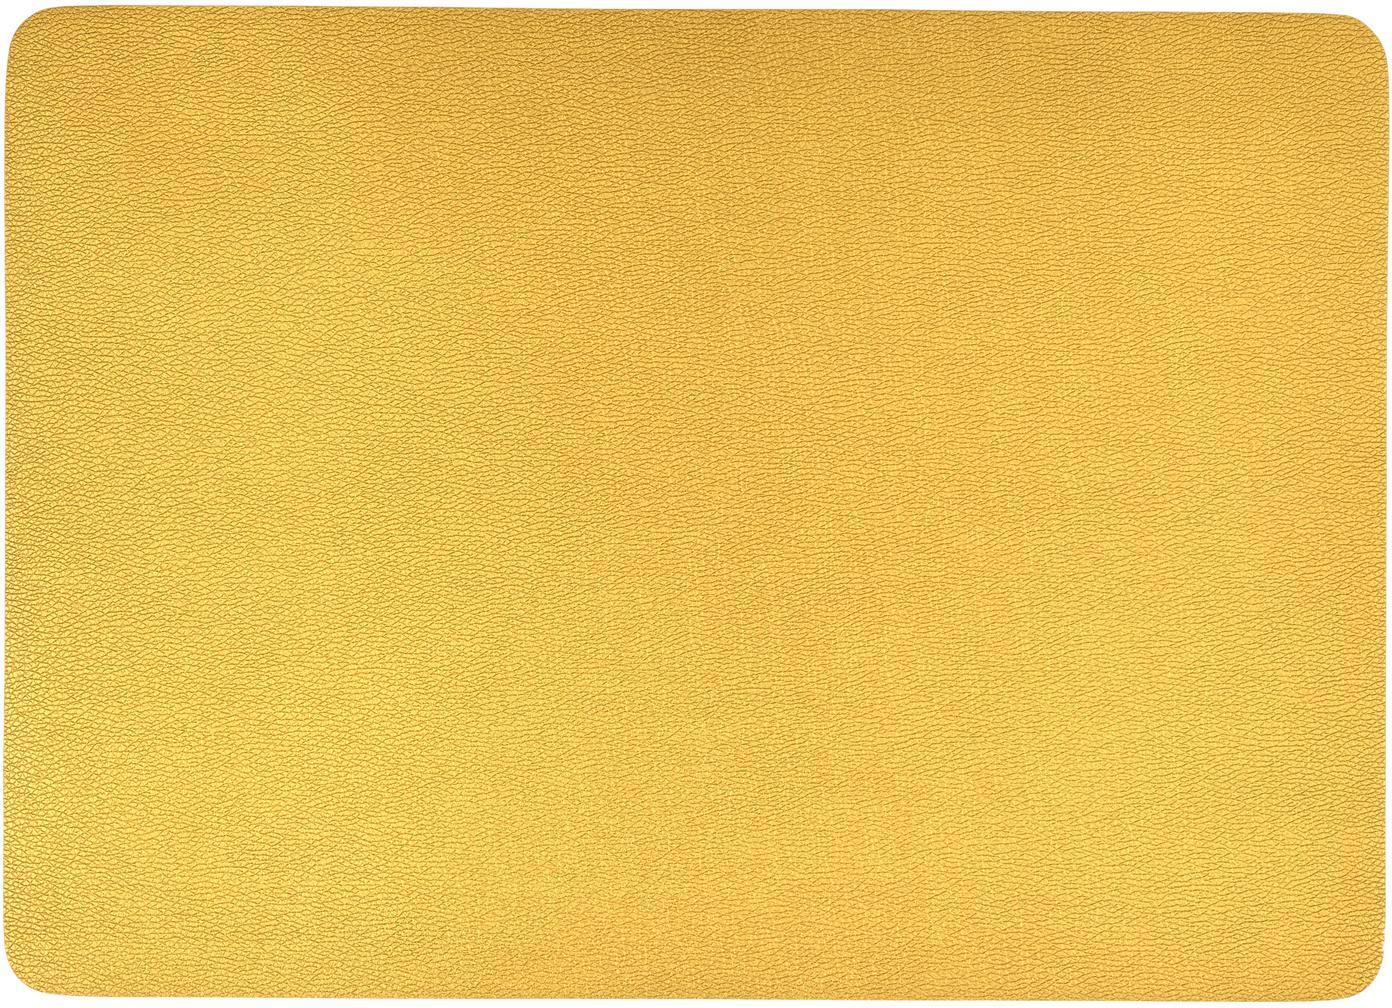 Tovaglietta americana in similpelle Pik 2 pz, Materiale sintetico (PVC), Dorato, Larg. 33 x Lung. 46 cm